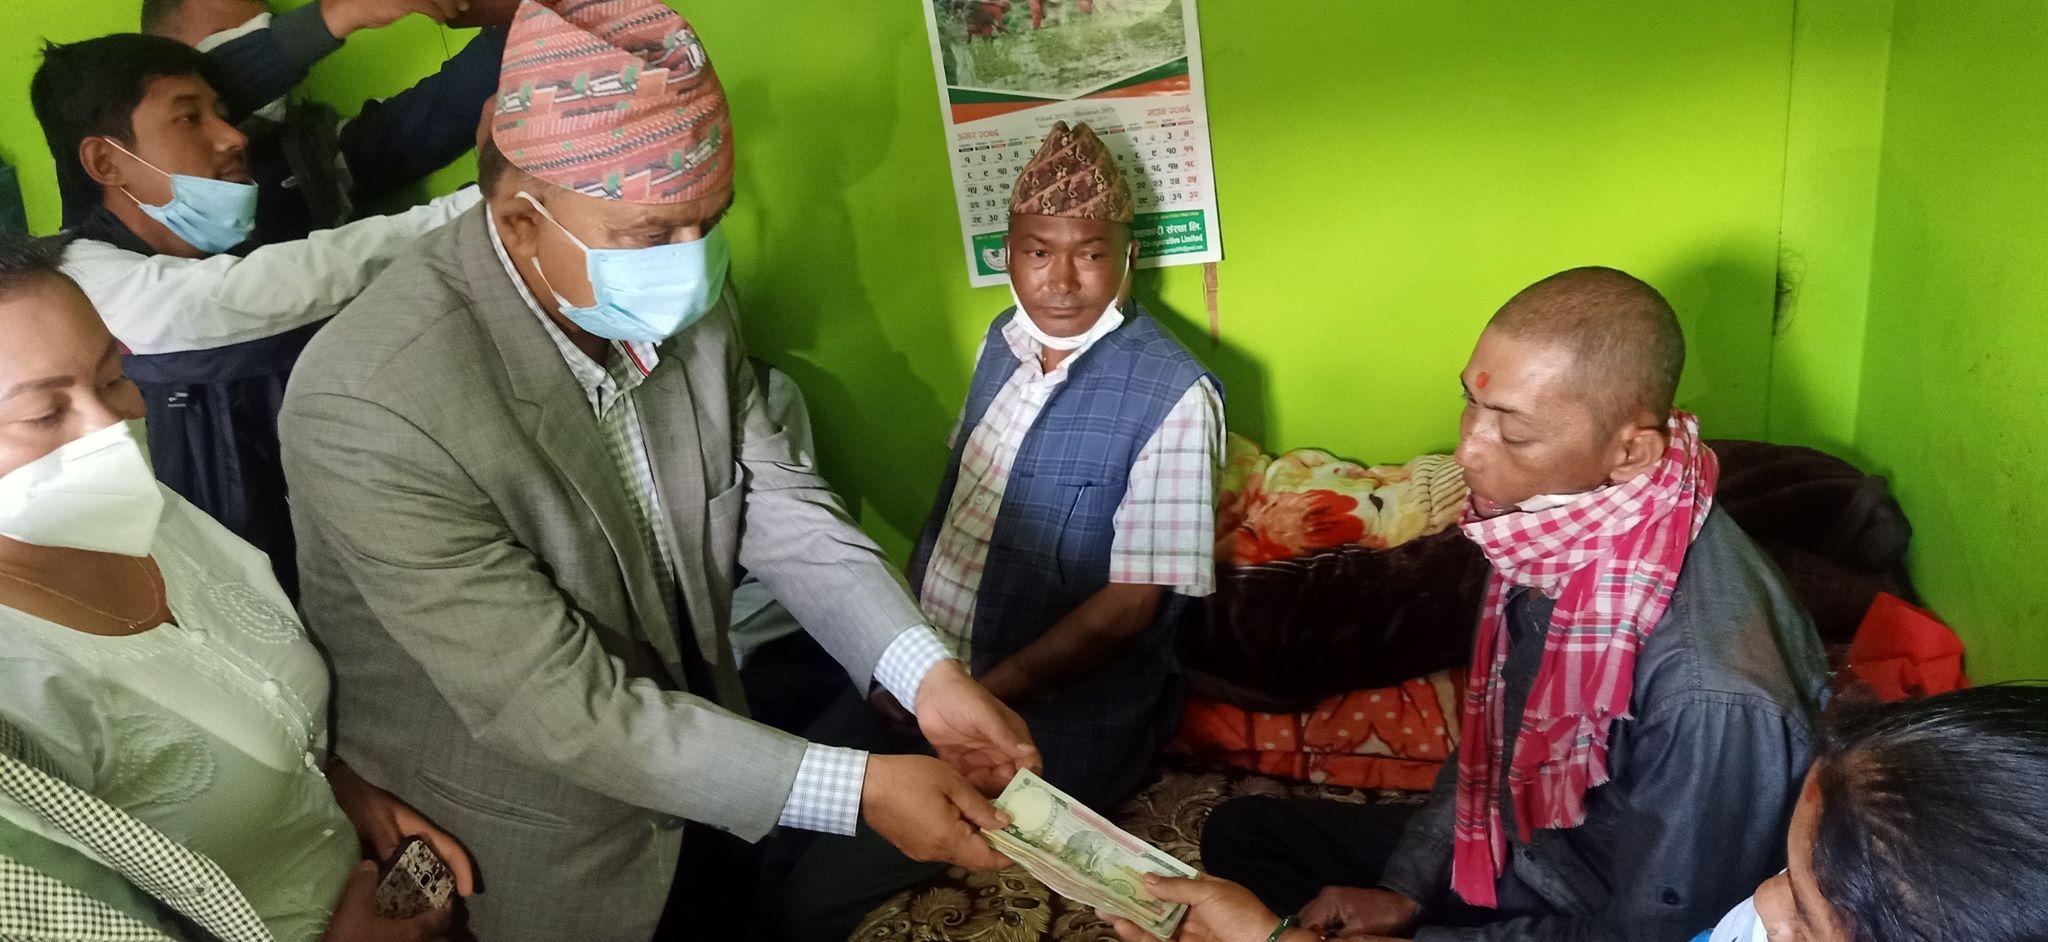 क्यान्सर पीडित नैन तामाङलाई नेकपा सिन्धुपाल्चोकले दियो आर्थिक सहयोग